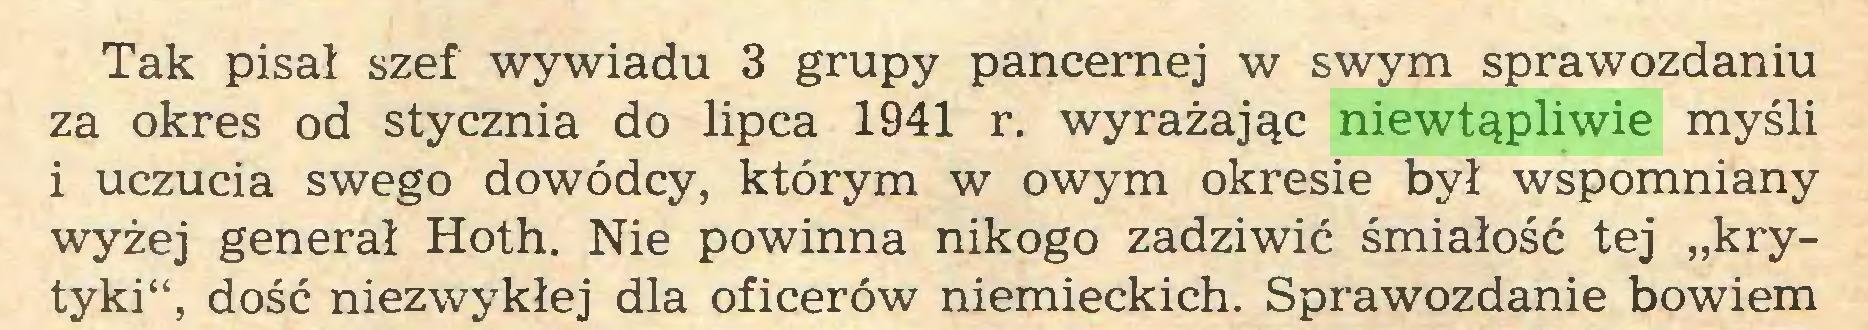 """(...) Tak pisał szef wywiadu 3 grupy pancernej w swym sprawozdaniu za okres od stycznia do lipca 1941 r. wyrażając niewtąpliwie myśli i uczucia swego dowódcy, którym w owym okresie był wspomniany wyżej generał Hoth. Nie powinna nikogo zadziwić śmiałość tej """"krytyki"""", dość niezwykłej dla oficerów niemieckich. Sprawozdanie bowiem..."""